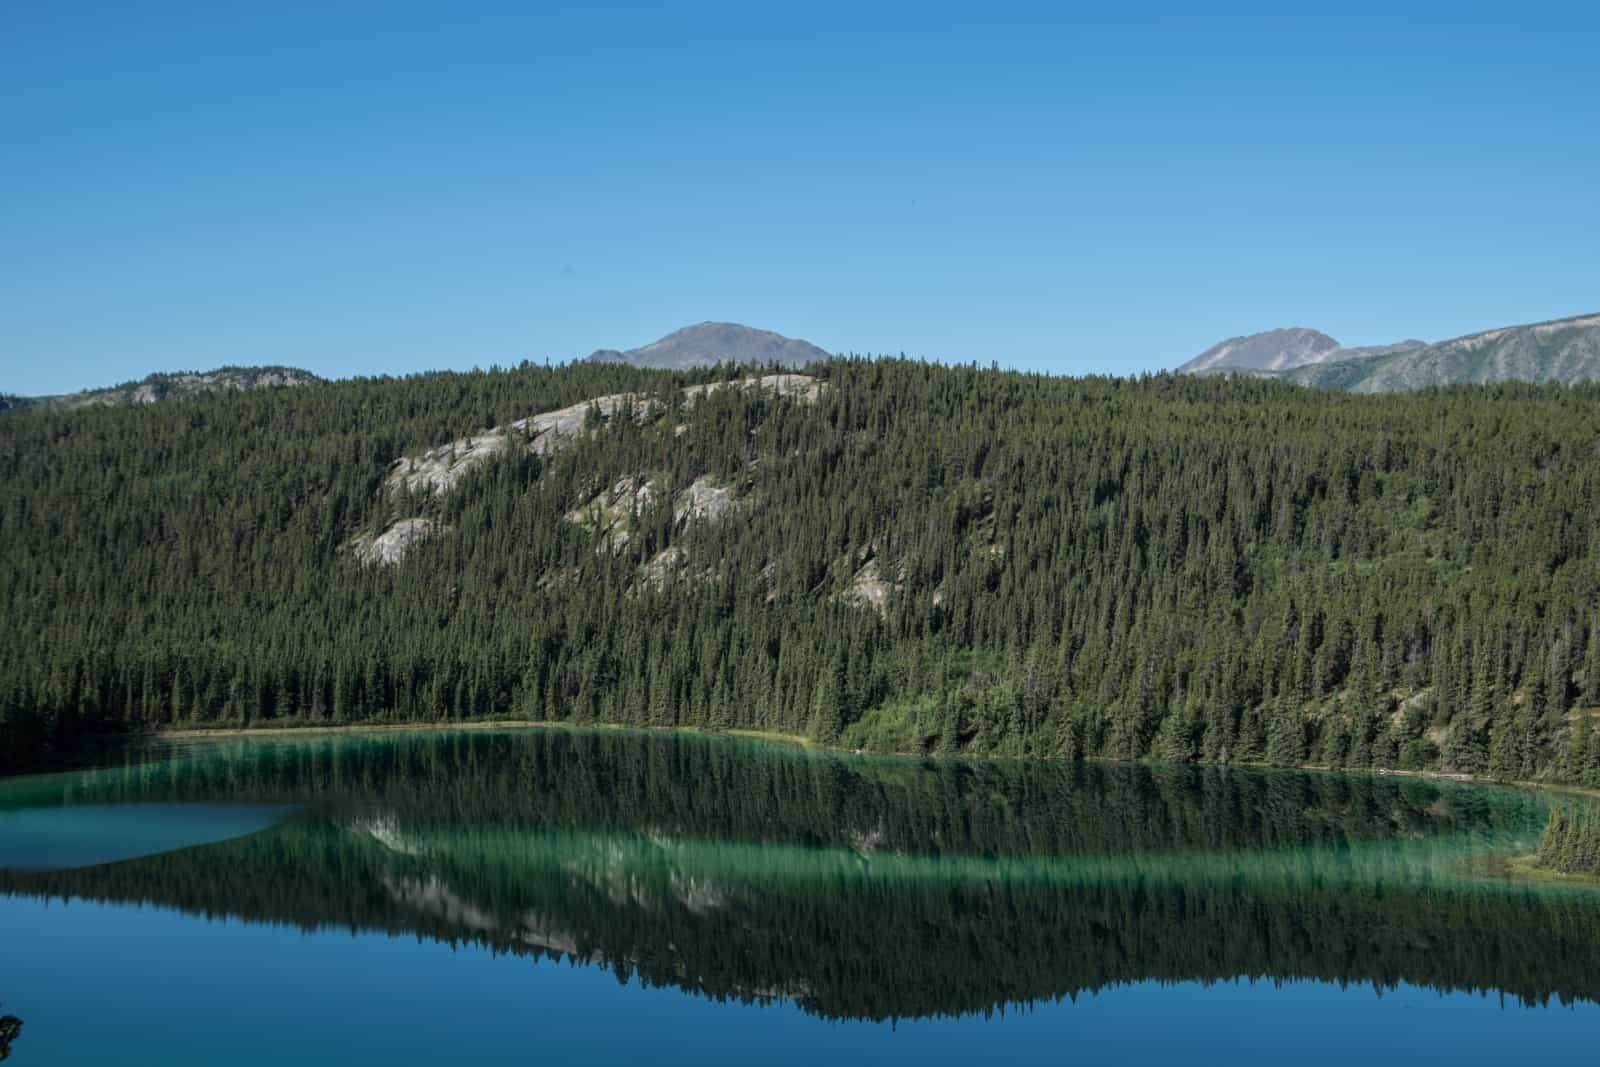 Wie ein wunderschöner Edelstein liegt der Emerald Lake in die Landschaft eingebettet. Foto Daniela Ganz